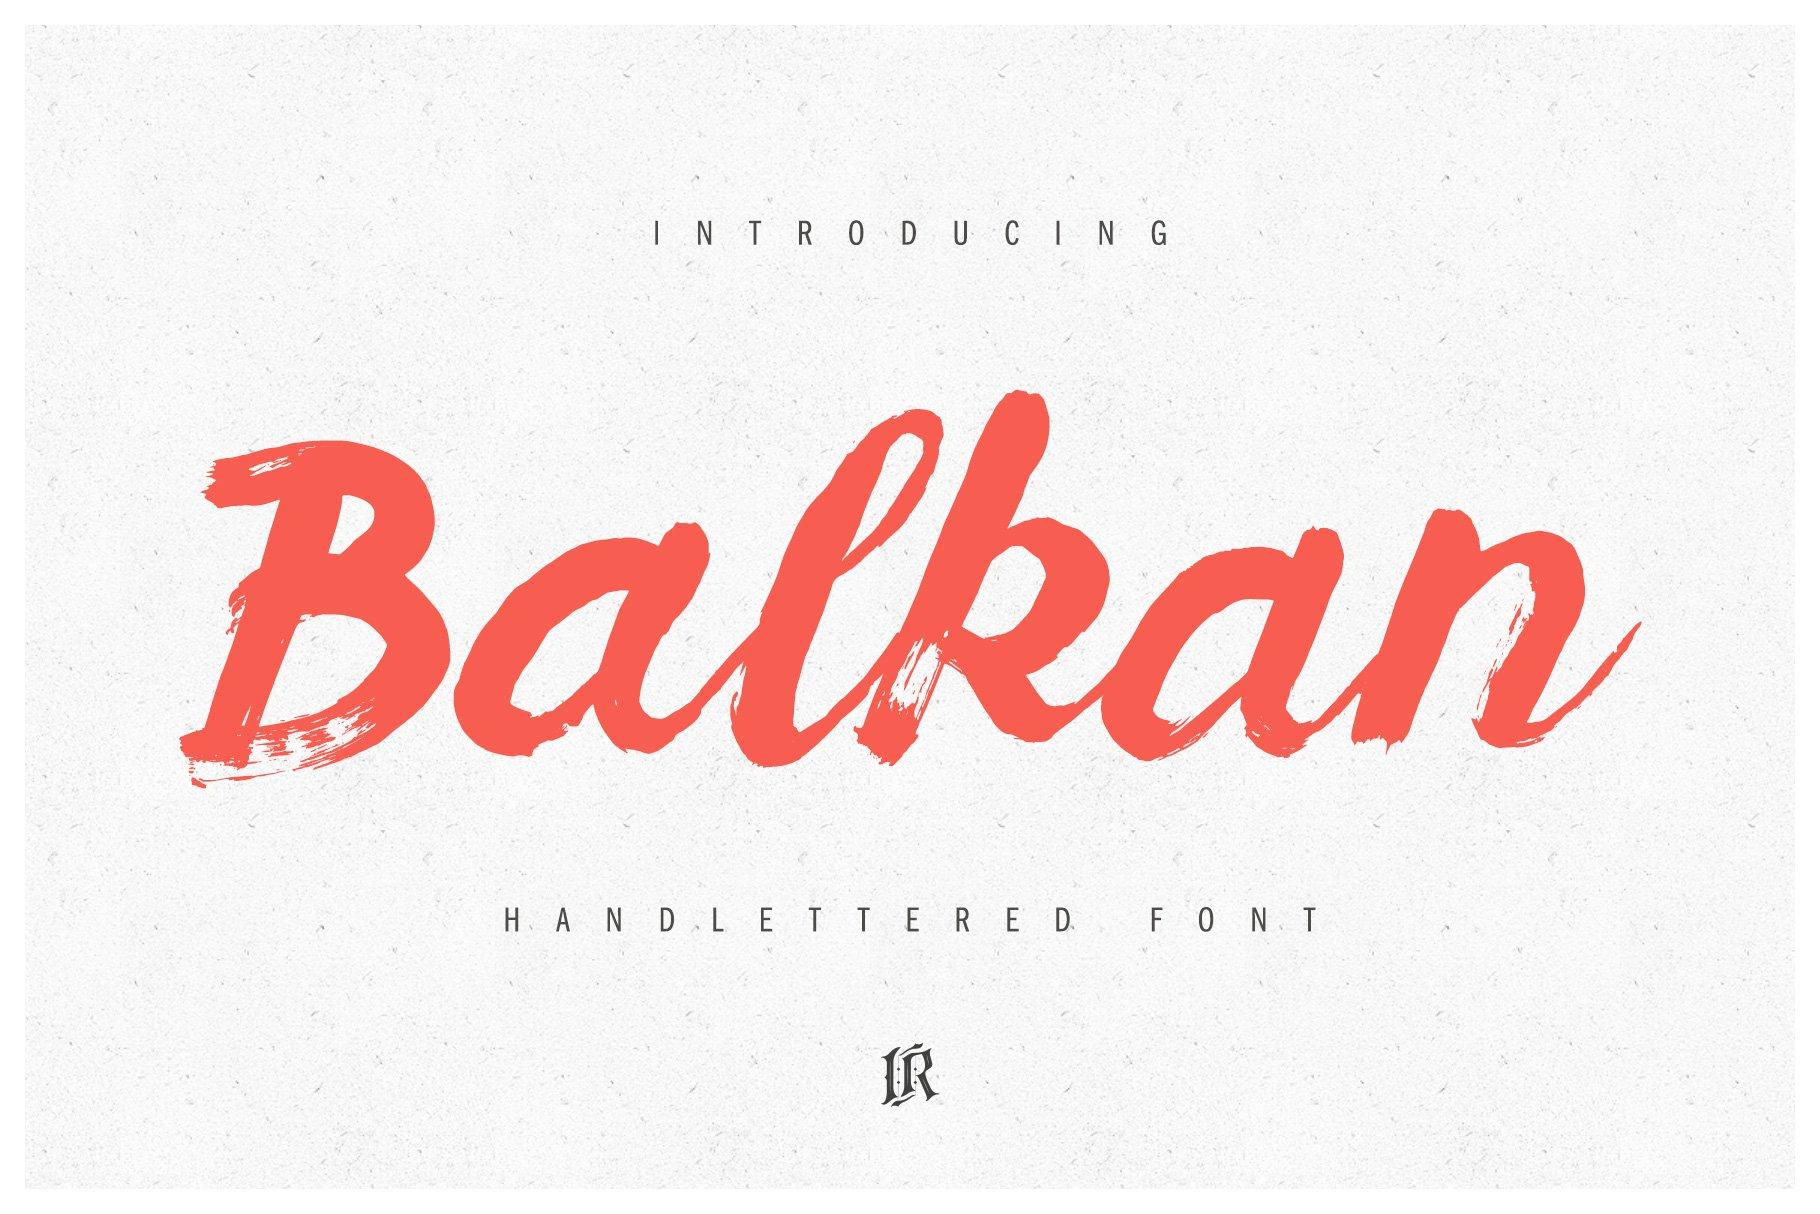 Balkan书法笔触手写毛笔英文字体下载